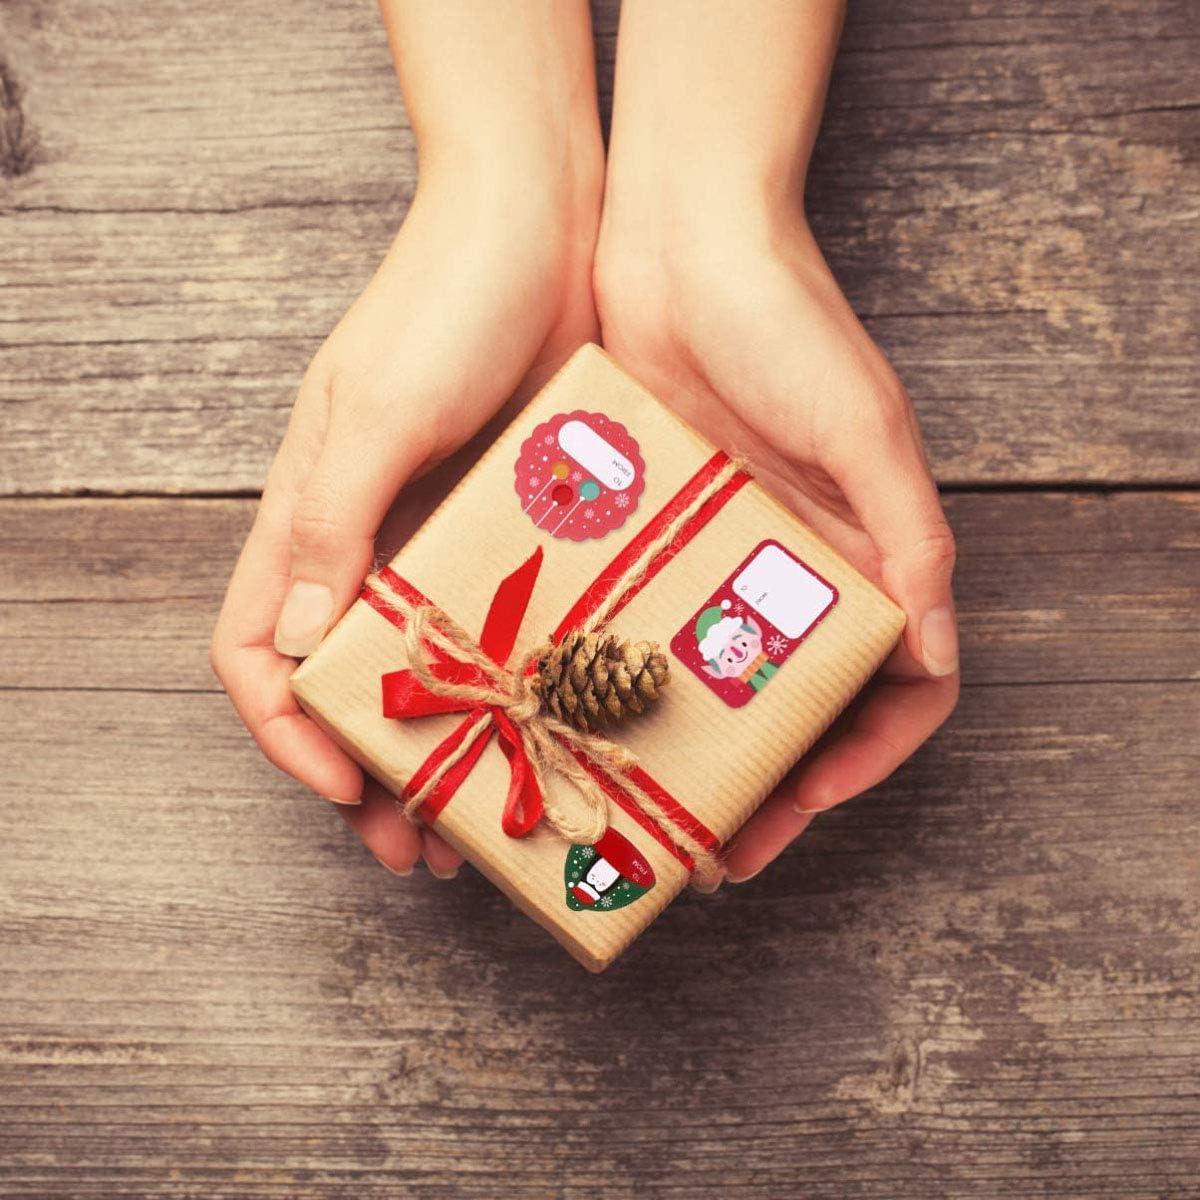 Etichette Regalo Decorative per Compleanno Natale pacchi Regalo MQIAN 216pz Etichette Adesive Natale per Regali 24 Fogli Chiudipacco Adesivi Natale Etichette Adesivi Scrapbooking